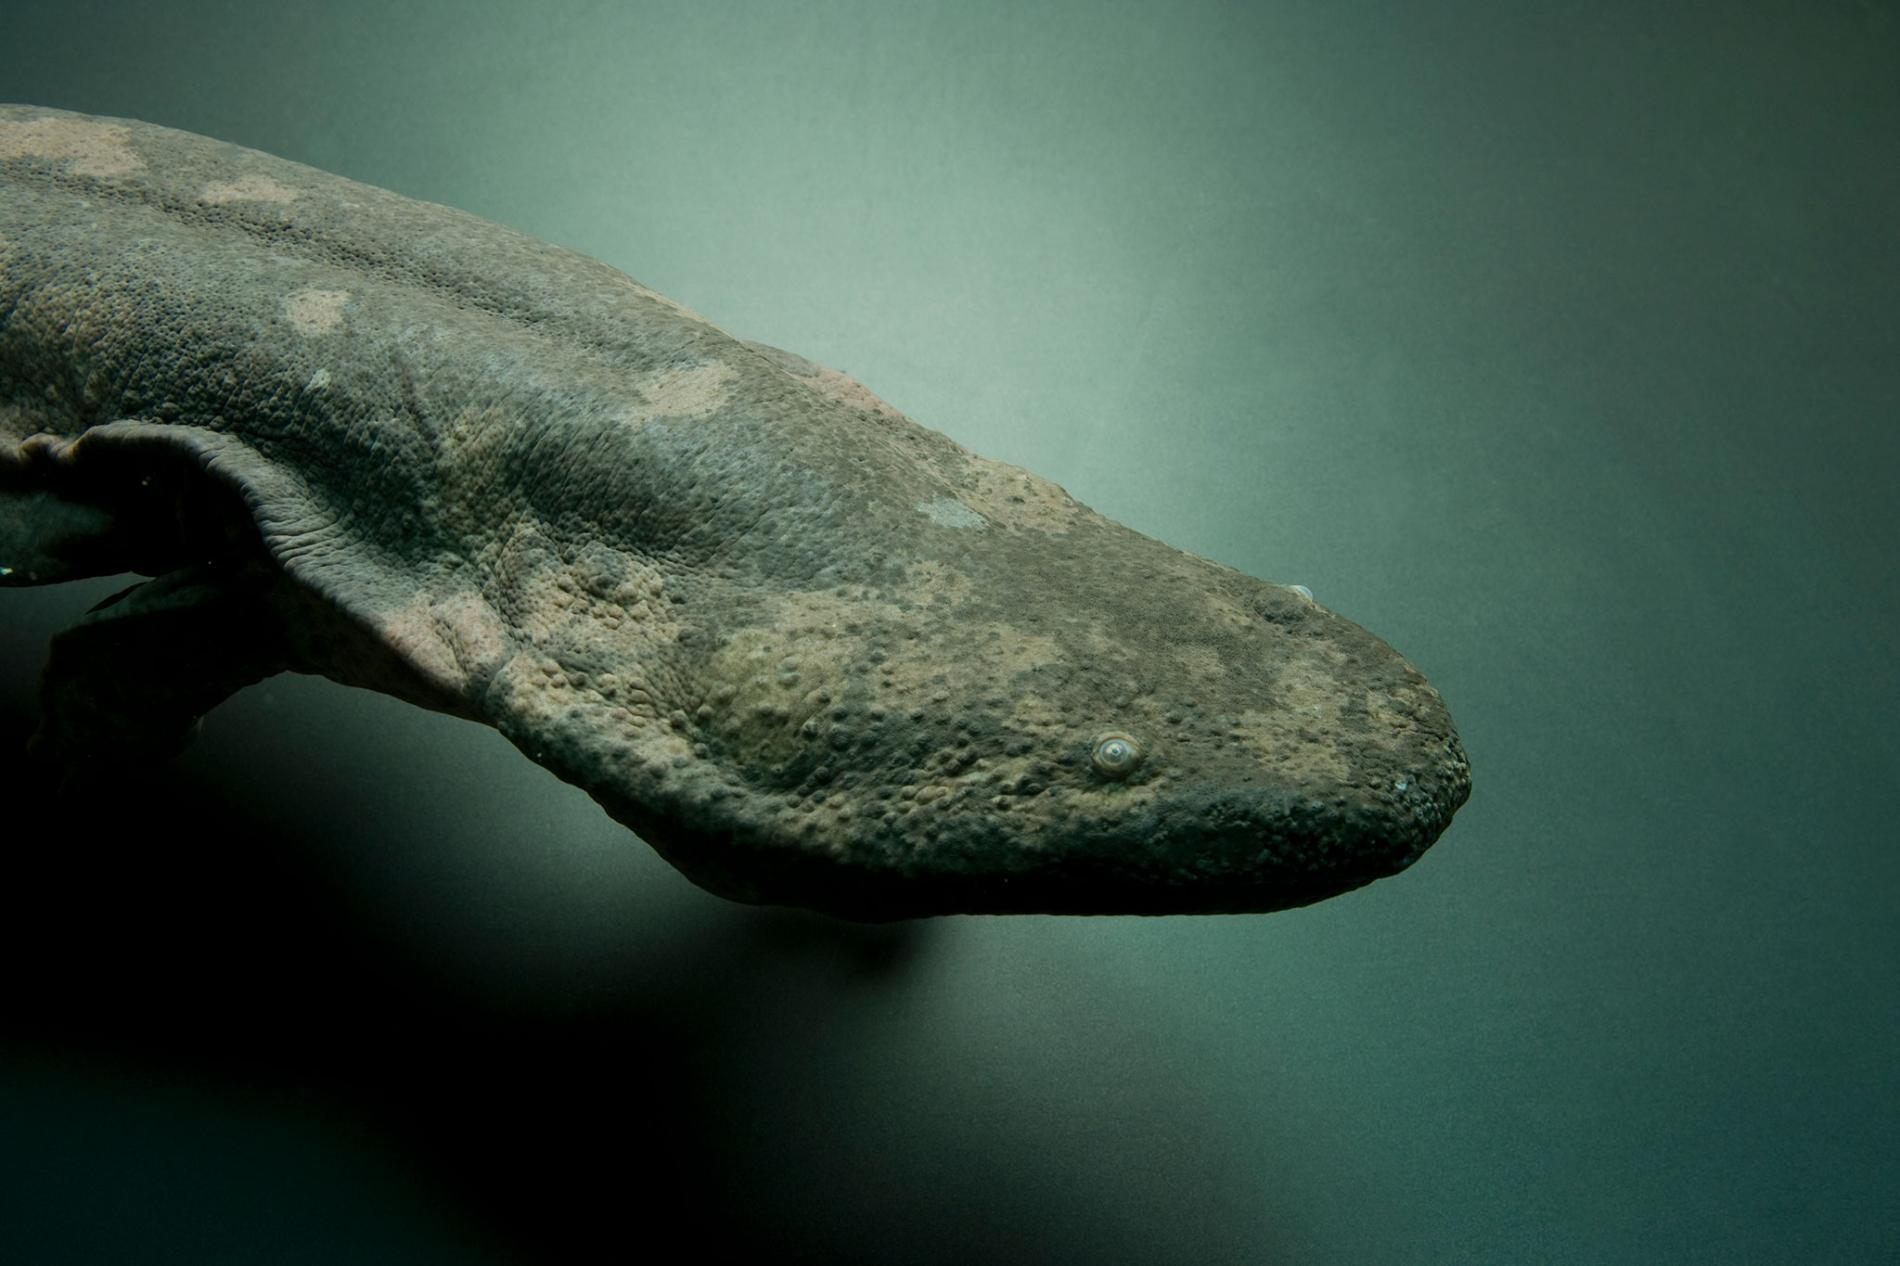 亞特蘭大動物園中極度瀕危的中國大鯢(Andrias davidianus)。新研究顯示,中國大鯢至少分屬三個不同物種。PHOTOGRAPH BY JOEL SARTORE, NATIONAL GEOGRAPHIC PHOTO ARK